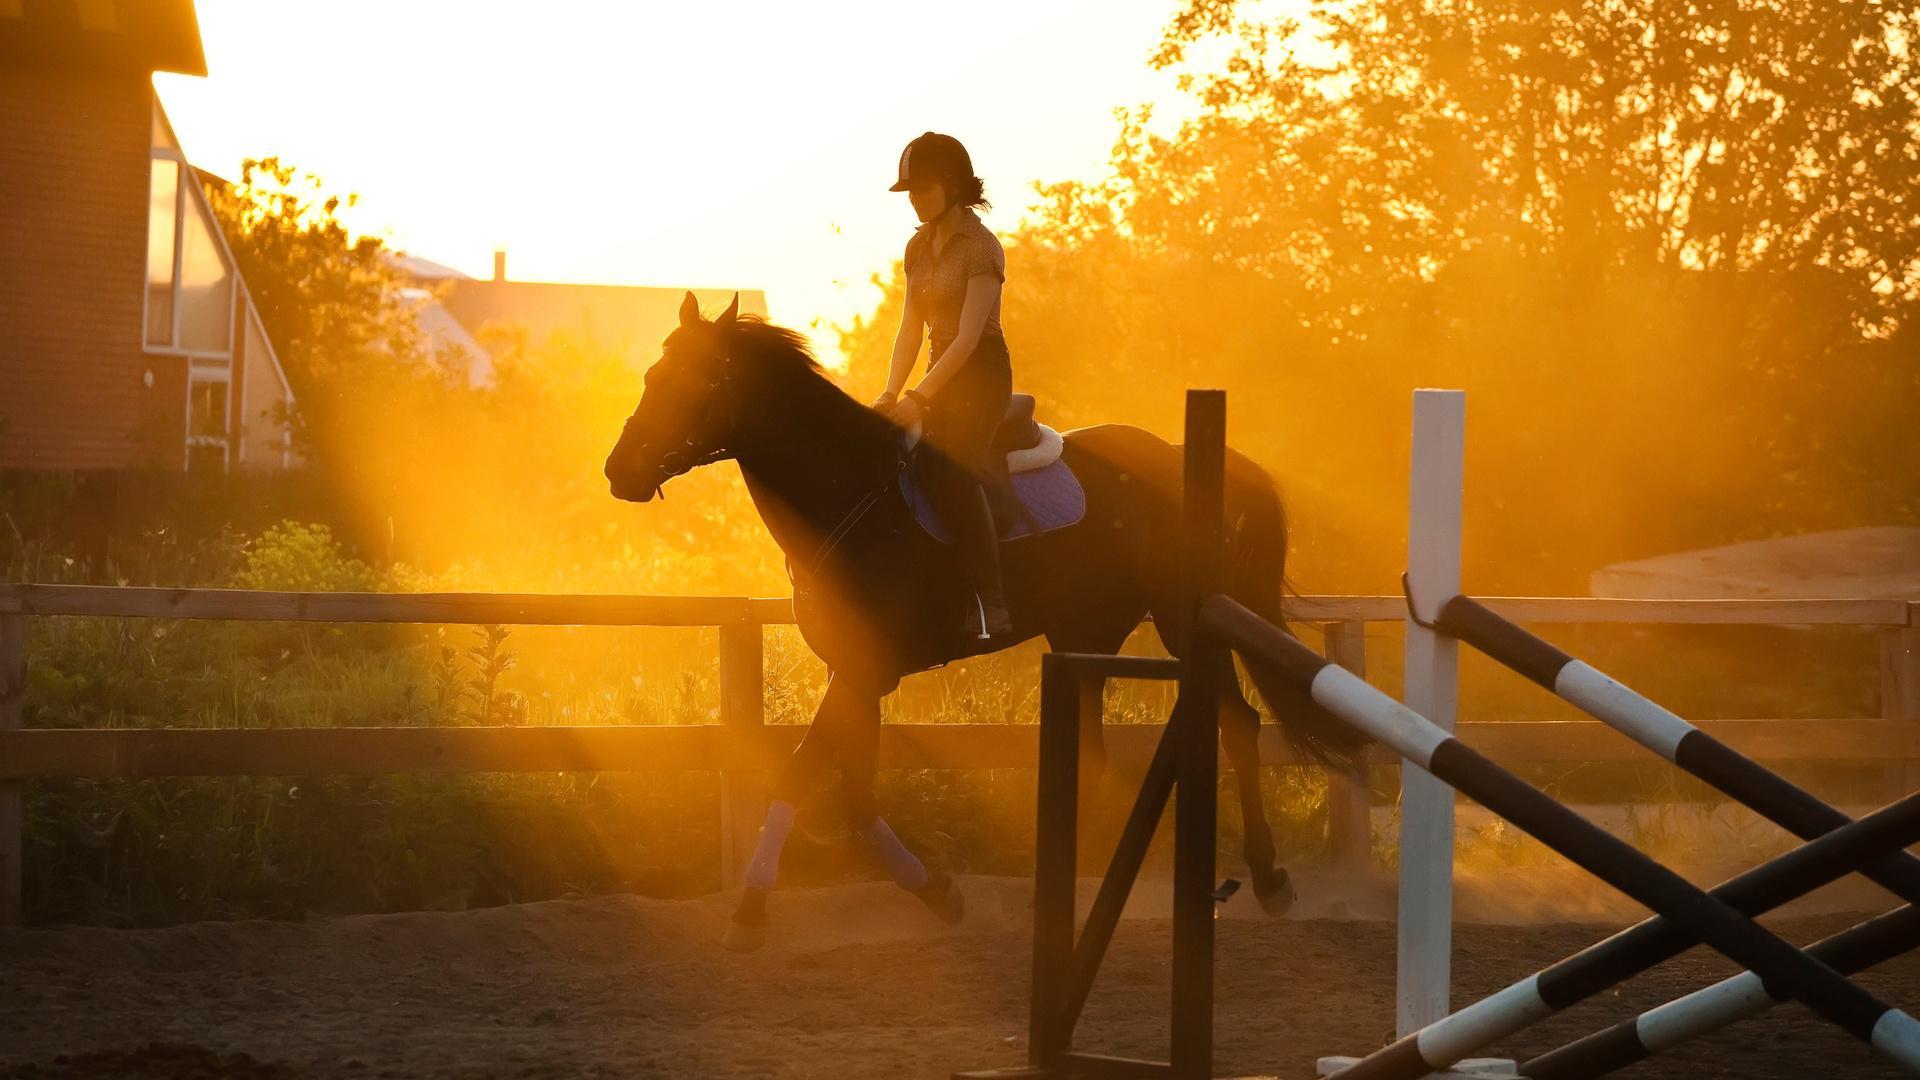 Horseback Riding May Improve Your Child's Intelligence